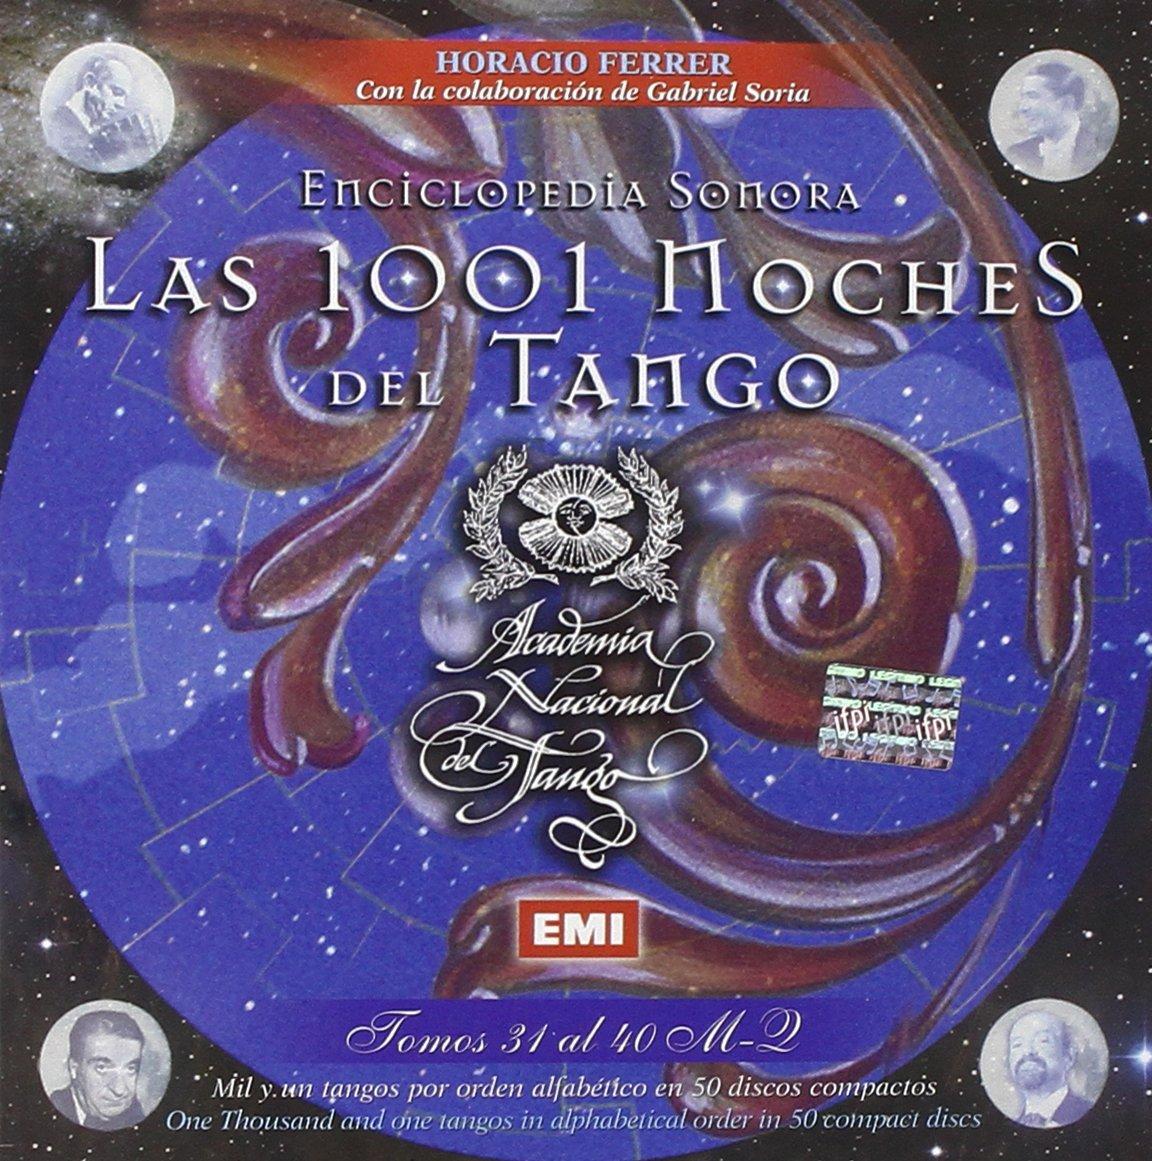 Enciclopedia Sonora-Las 1001 Noches Del Tango-Set - Las 1001 Noches Del Tango- Set 4 - Amazon.com Music